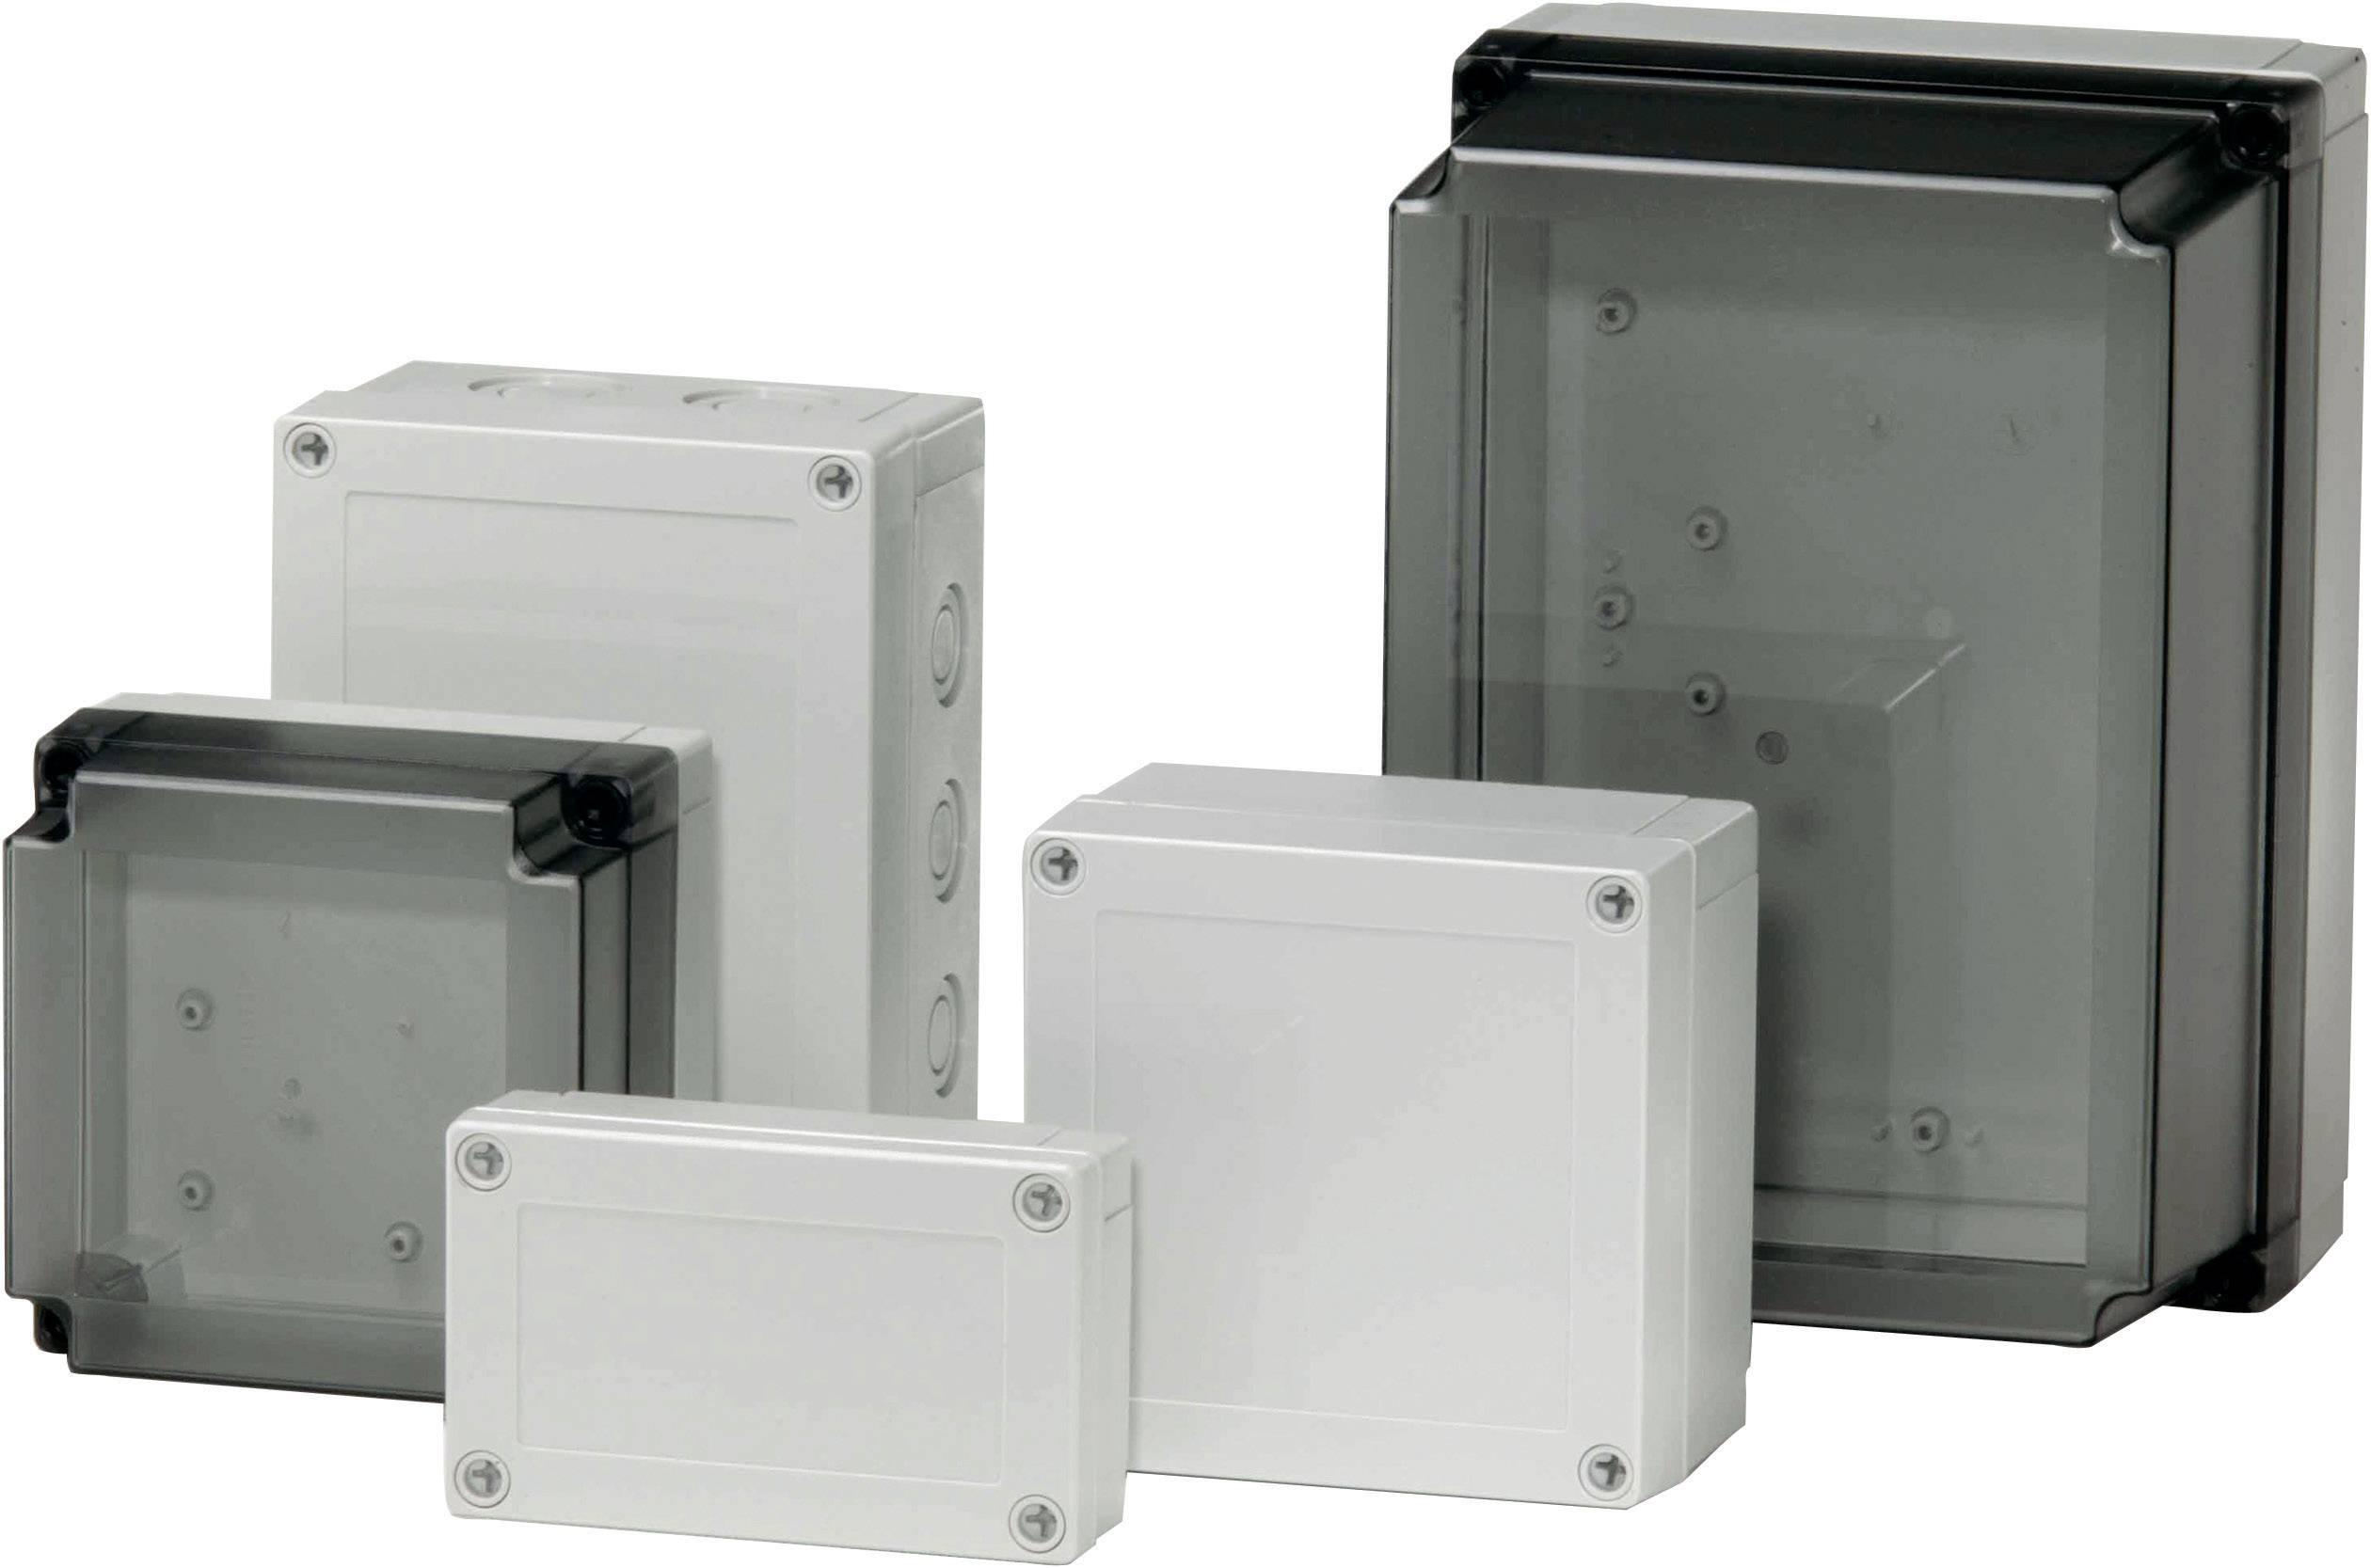 Polykarbonátové pouzdro MNX Fibox, (d x š x v) 130 x 130 x 75 mm, šedá (MNX PCM 125/75 T)